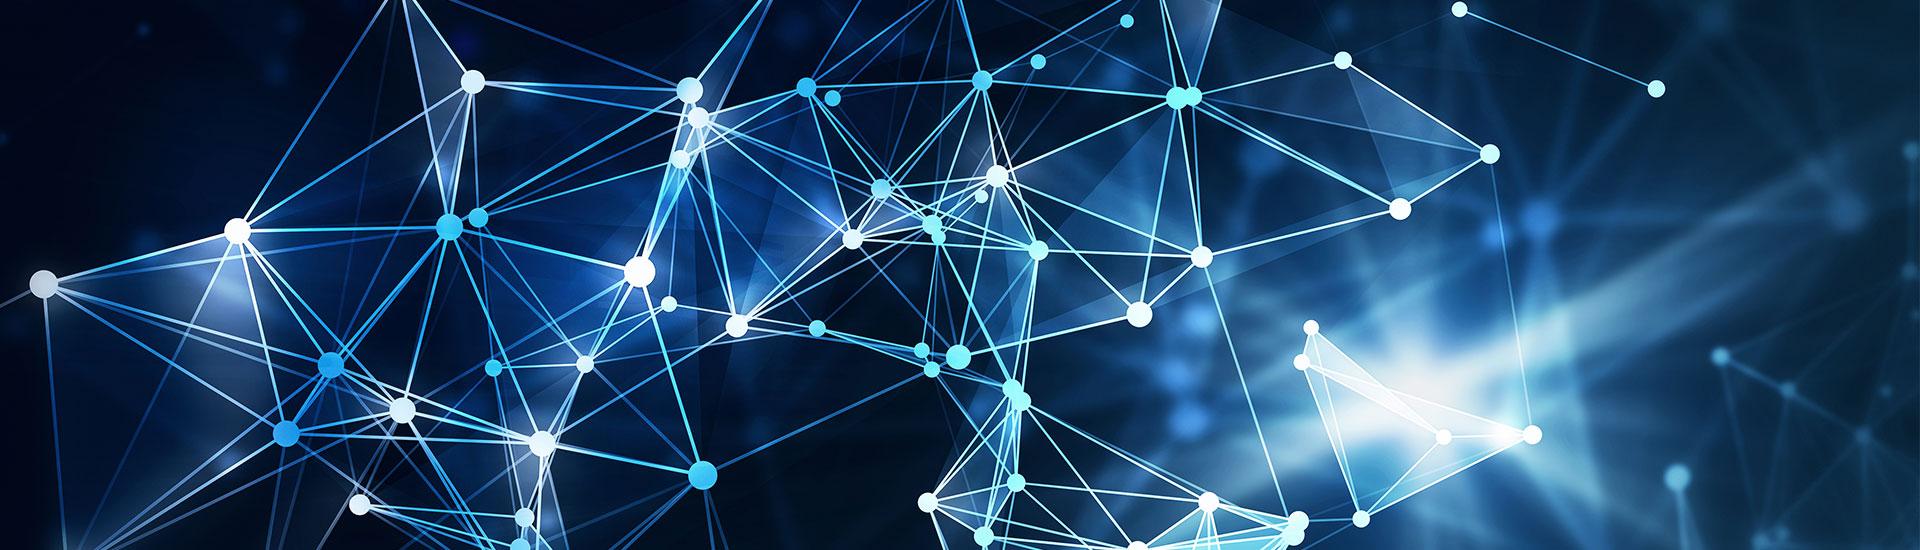 Abstrakte Darstellung von Netzwerkverbindungen